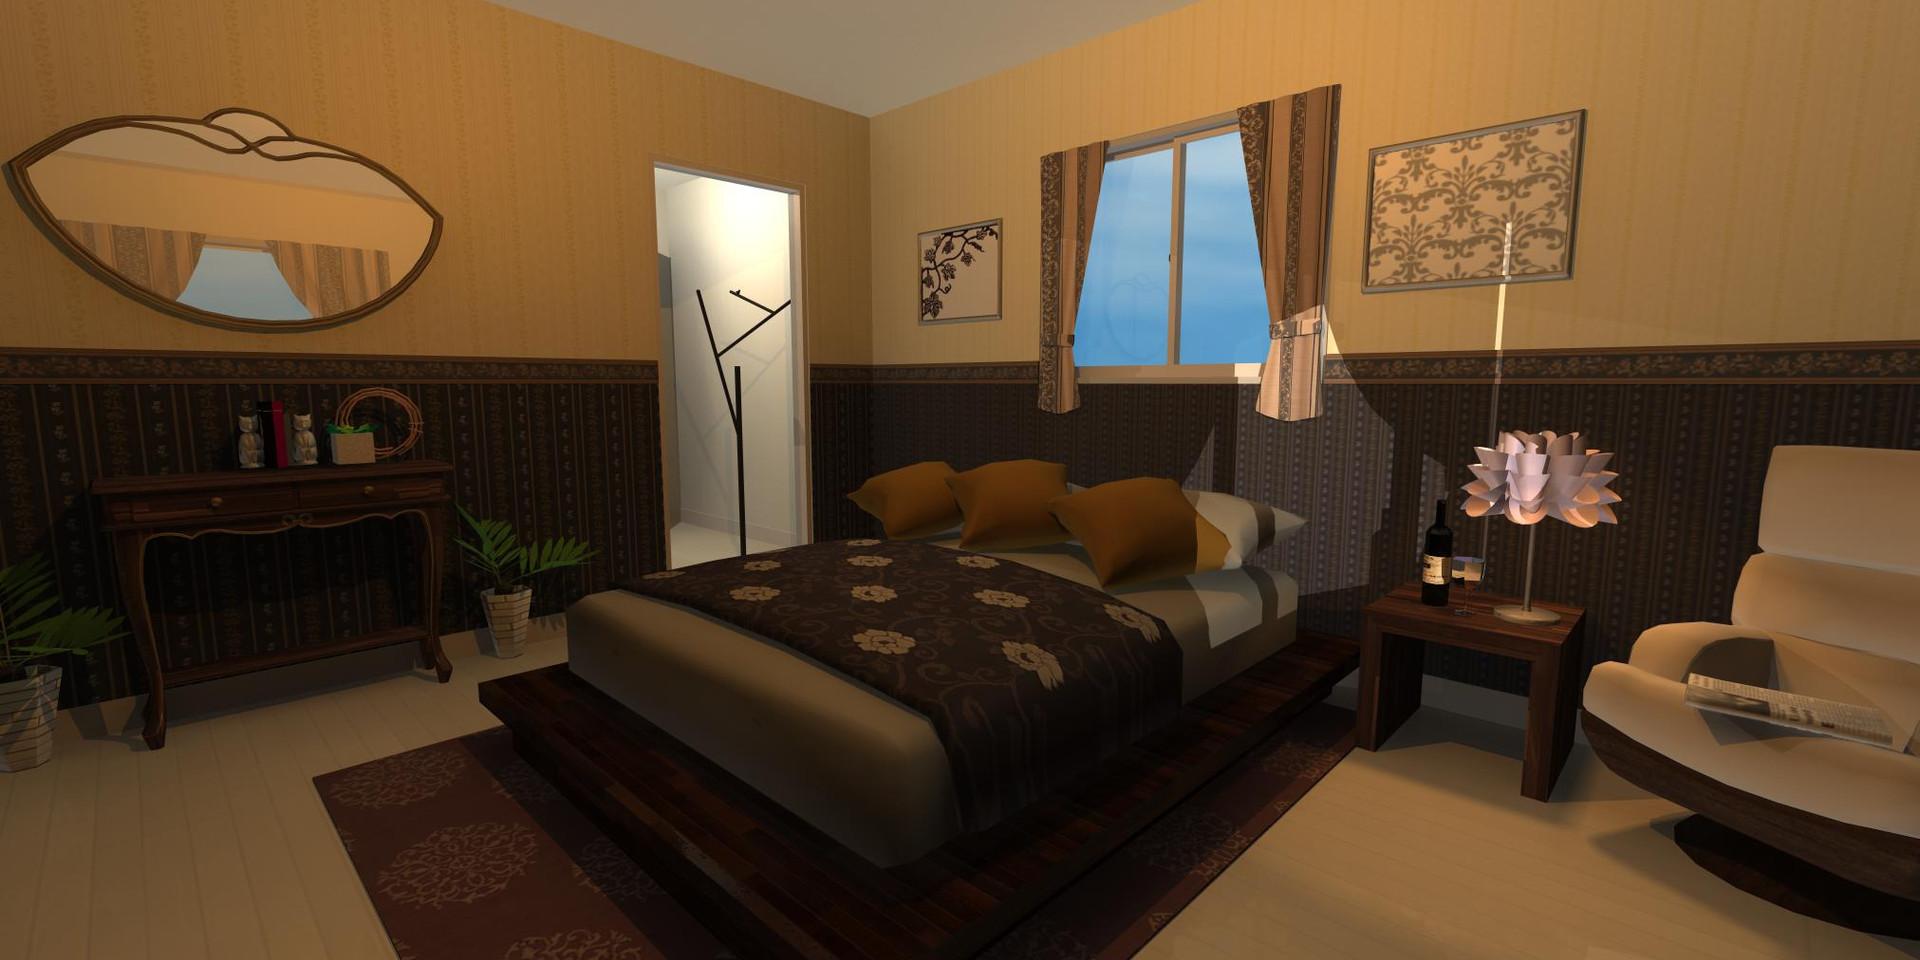 長尾Ⅲ-5寝室.jpg